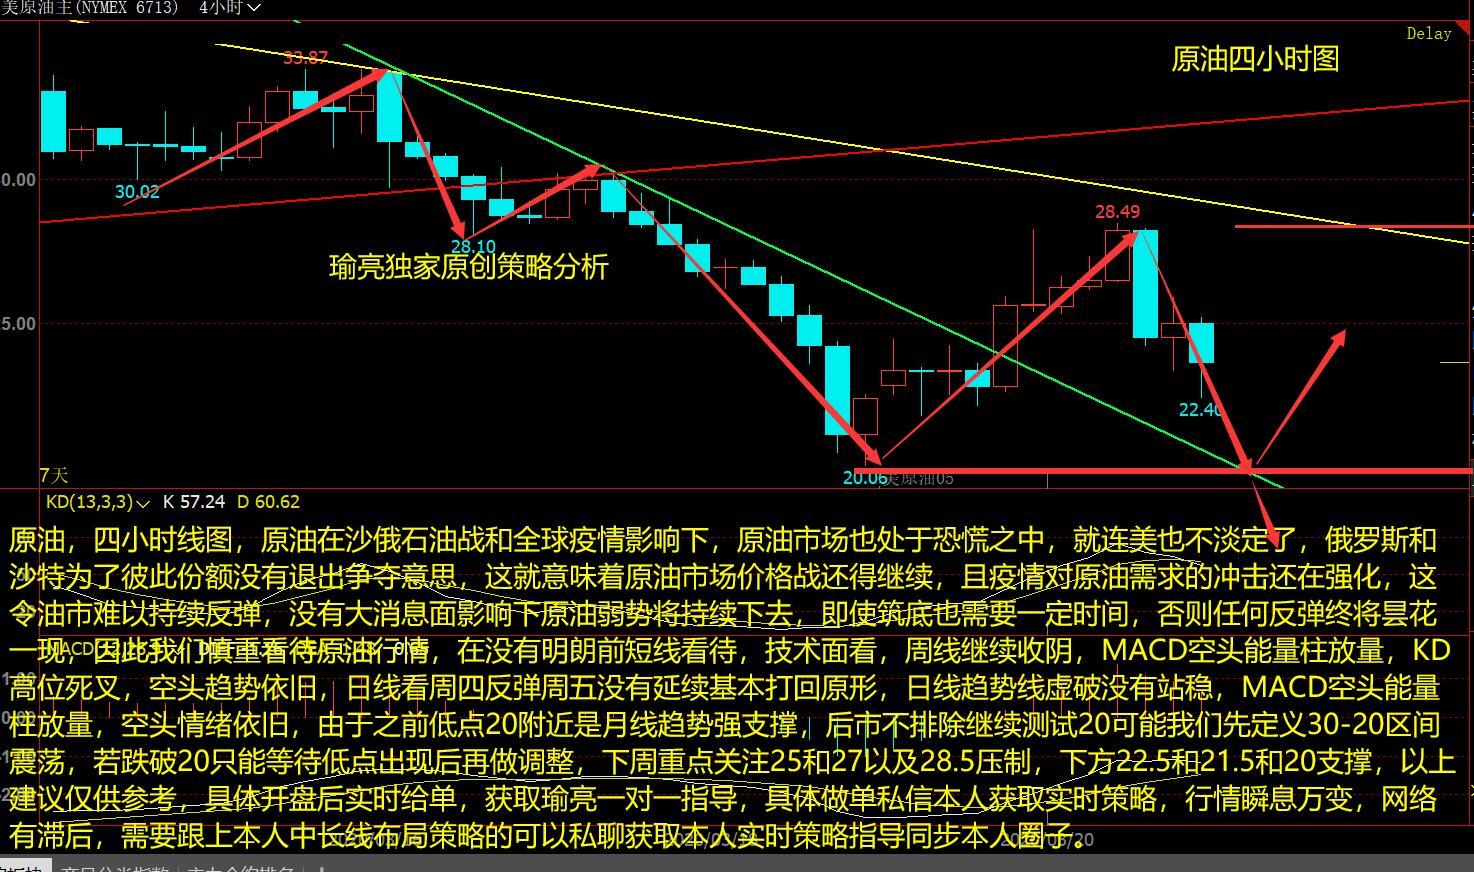 黄瑜亮:3-21周评原油莫早言见底走势 争夺不停难有大起色